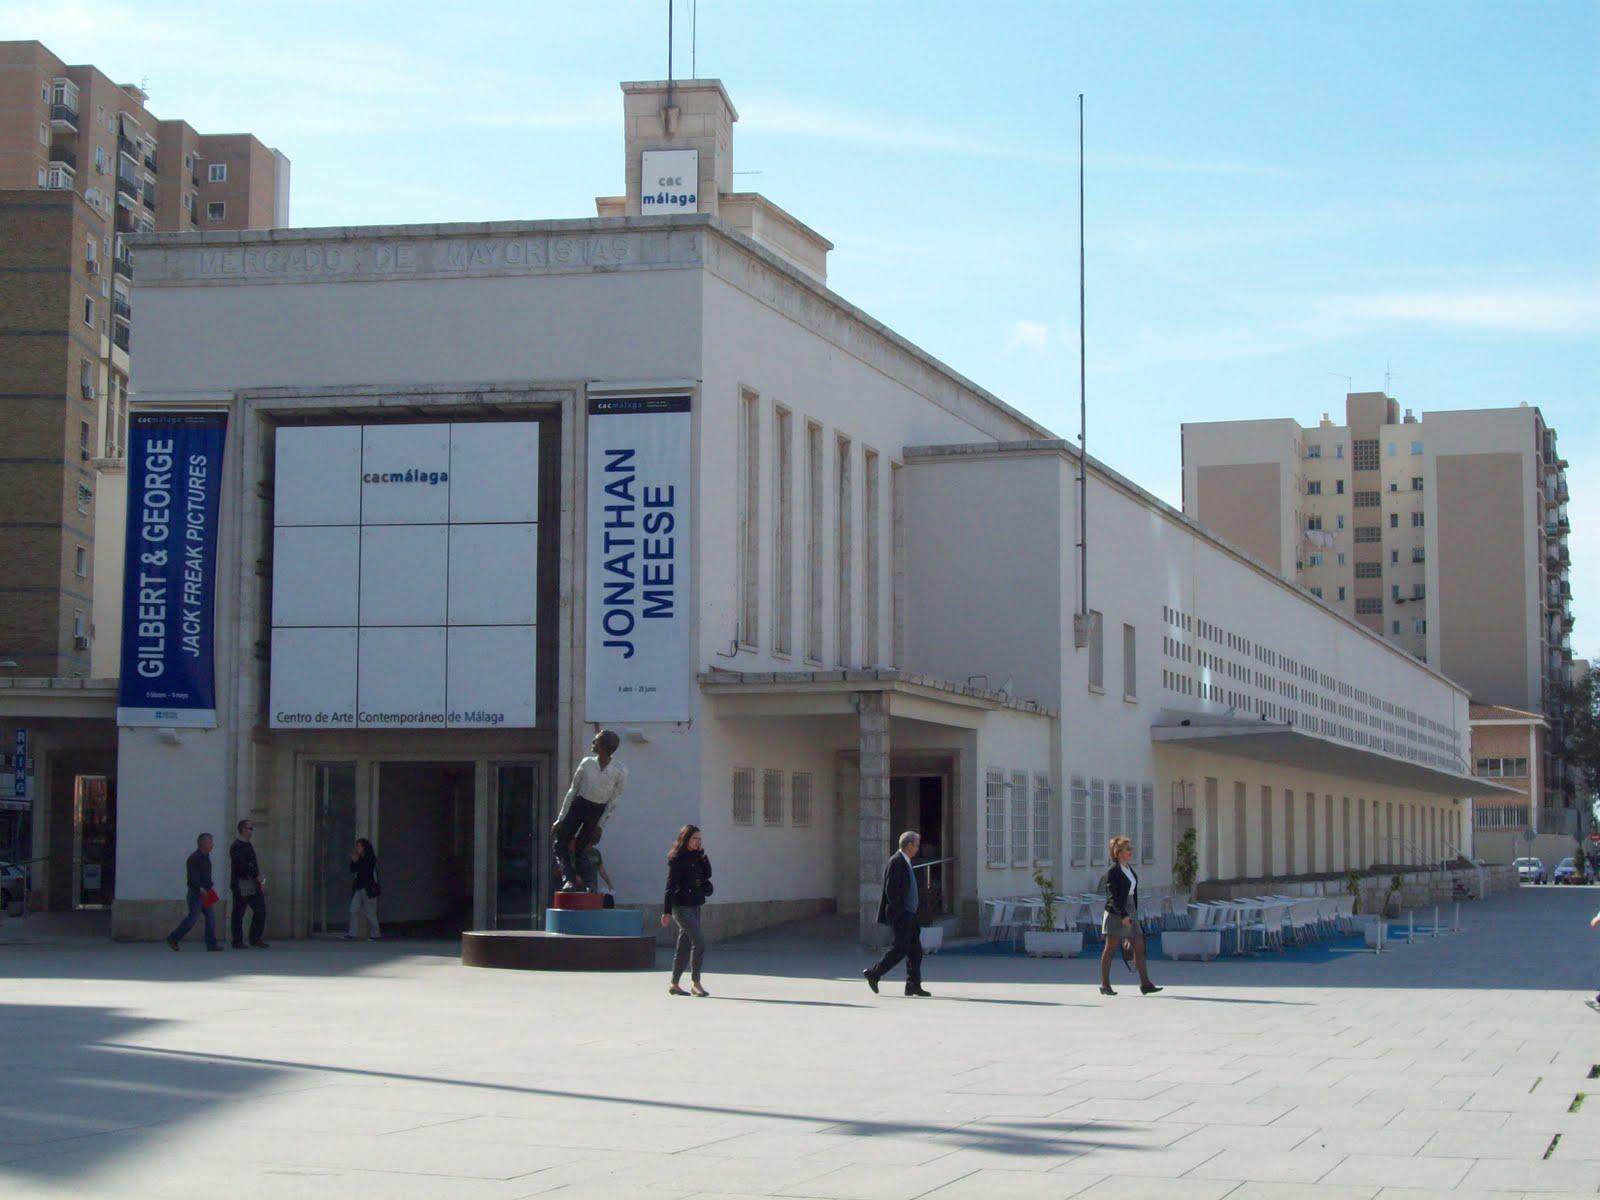 malaga-centro-de-arte-contemporaneo-de-malaga